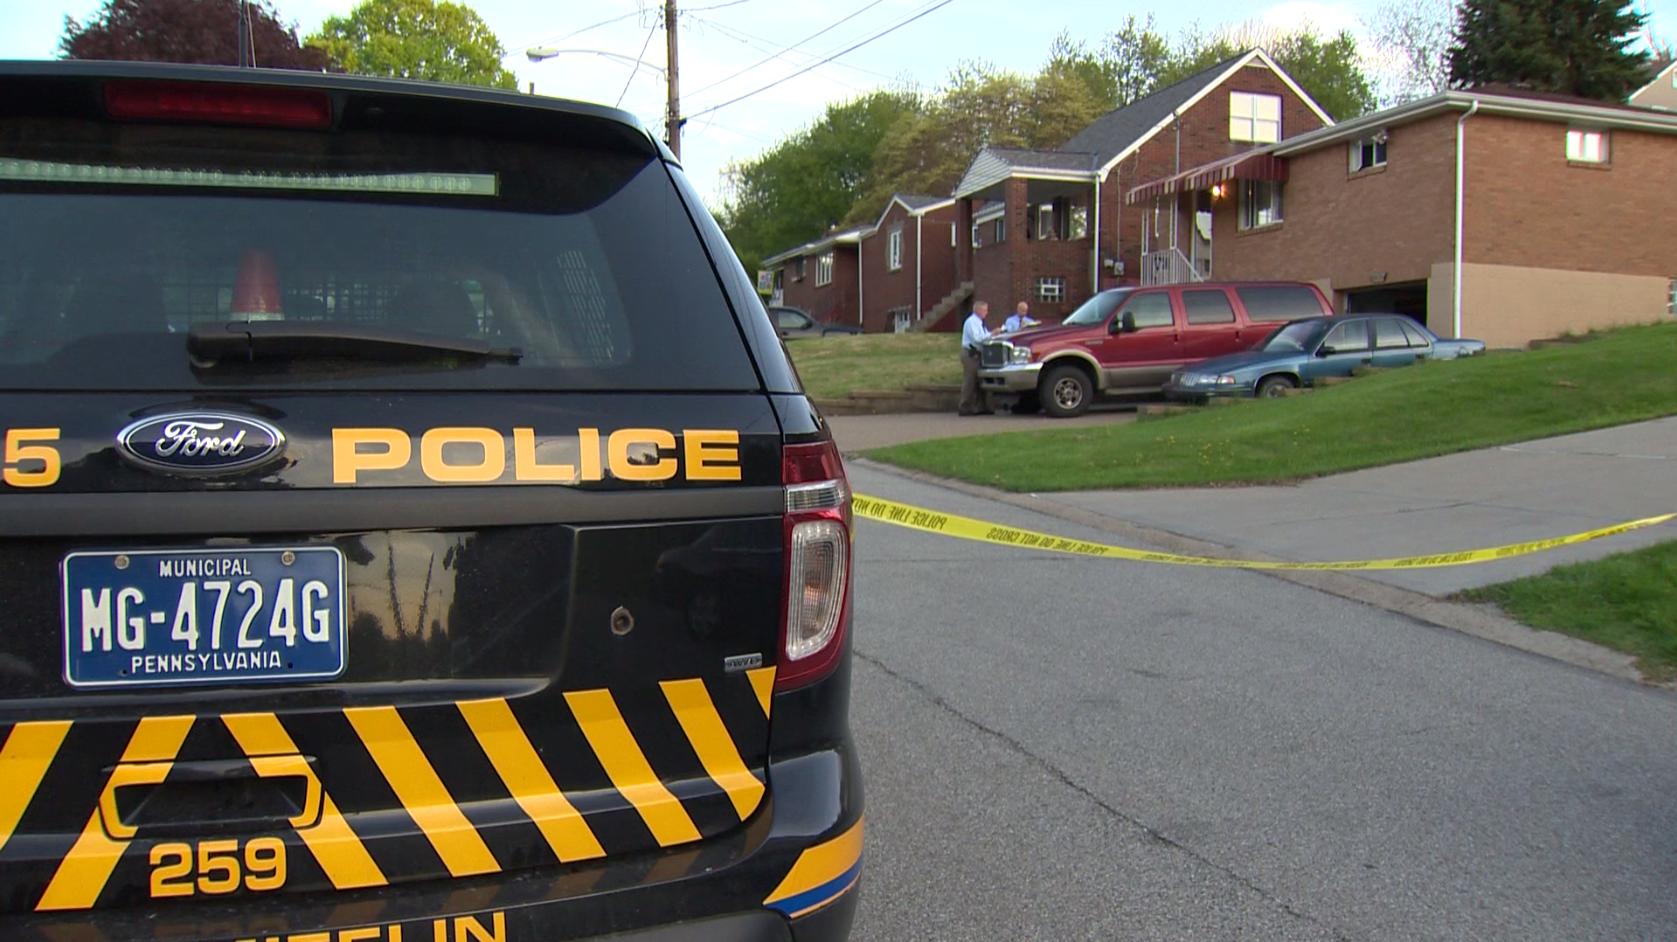 Police arrest suspect in West Mifflin shooting